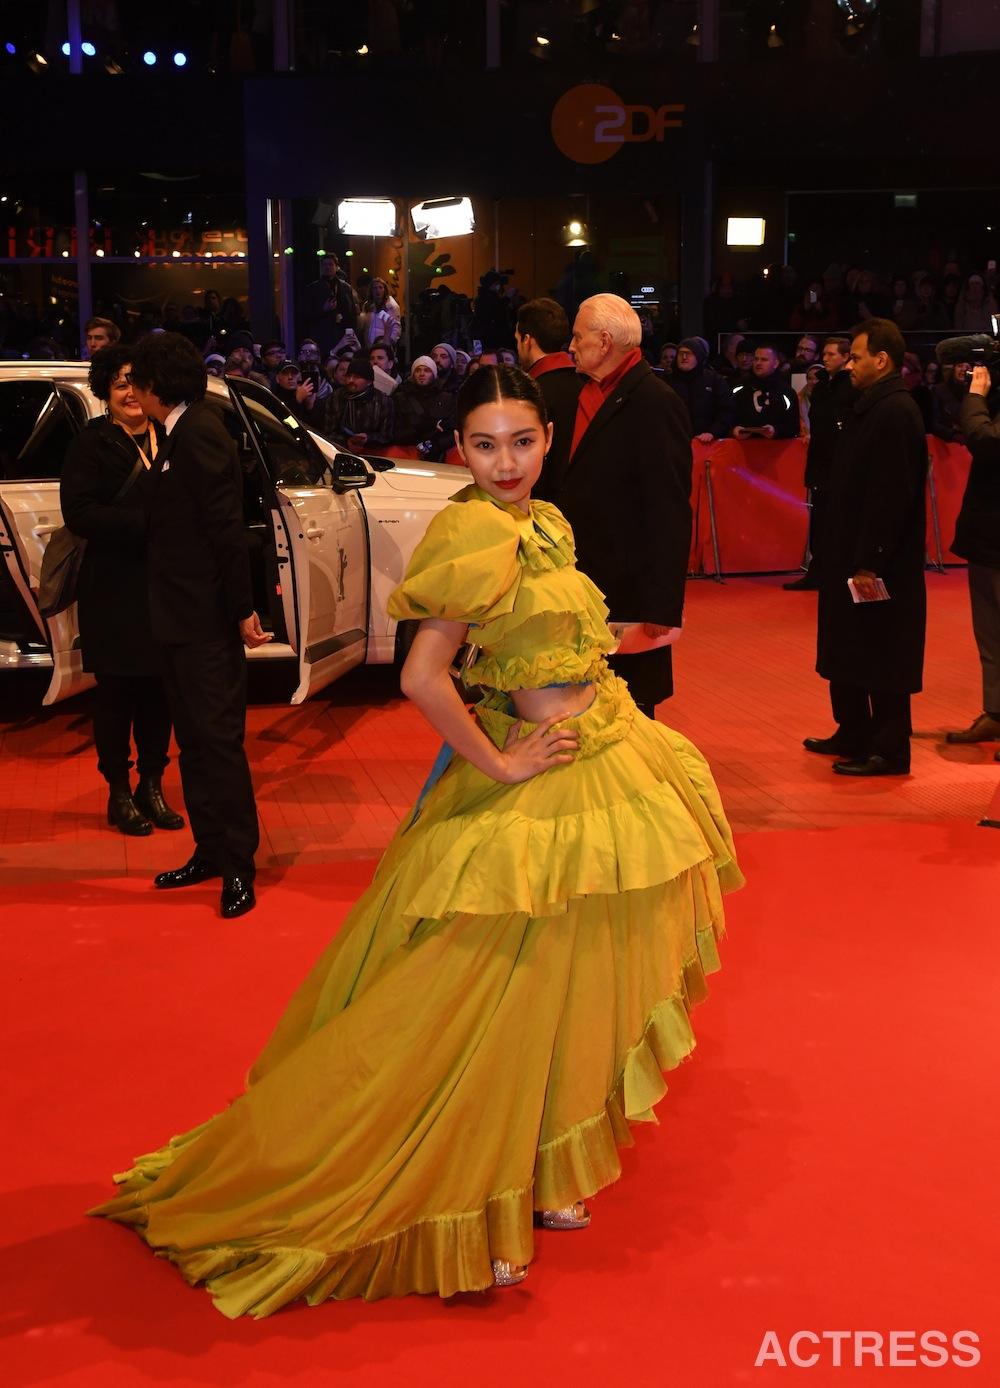 二階堂ふみ、ベルリン国際映画祭のレッドカーペットに登場